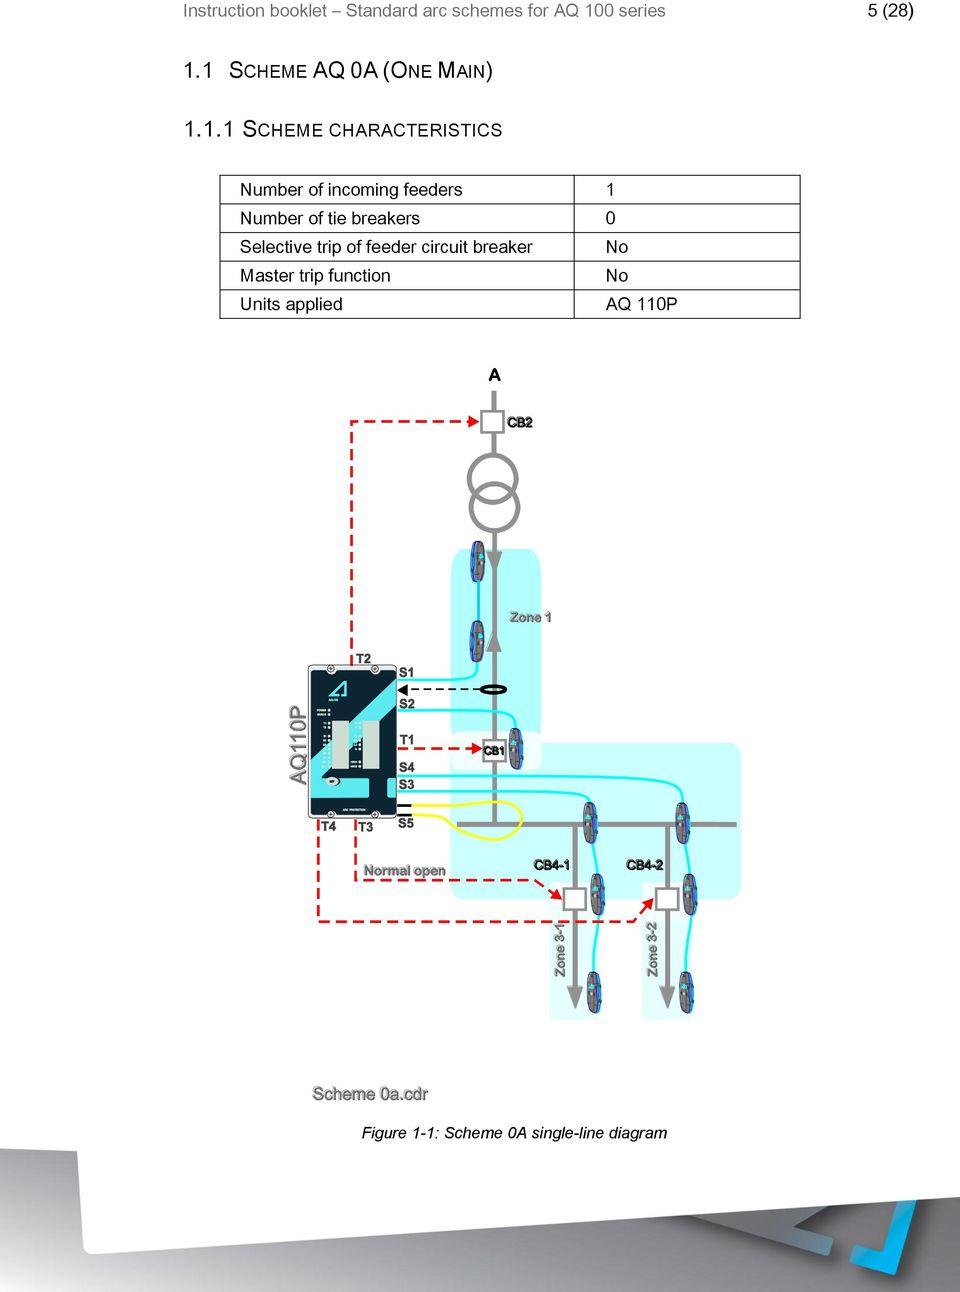 hight resolution of feeders 1 number of tie breakers 0 selective trip of feeder circuit breaker